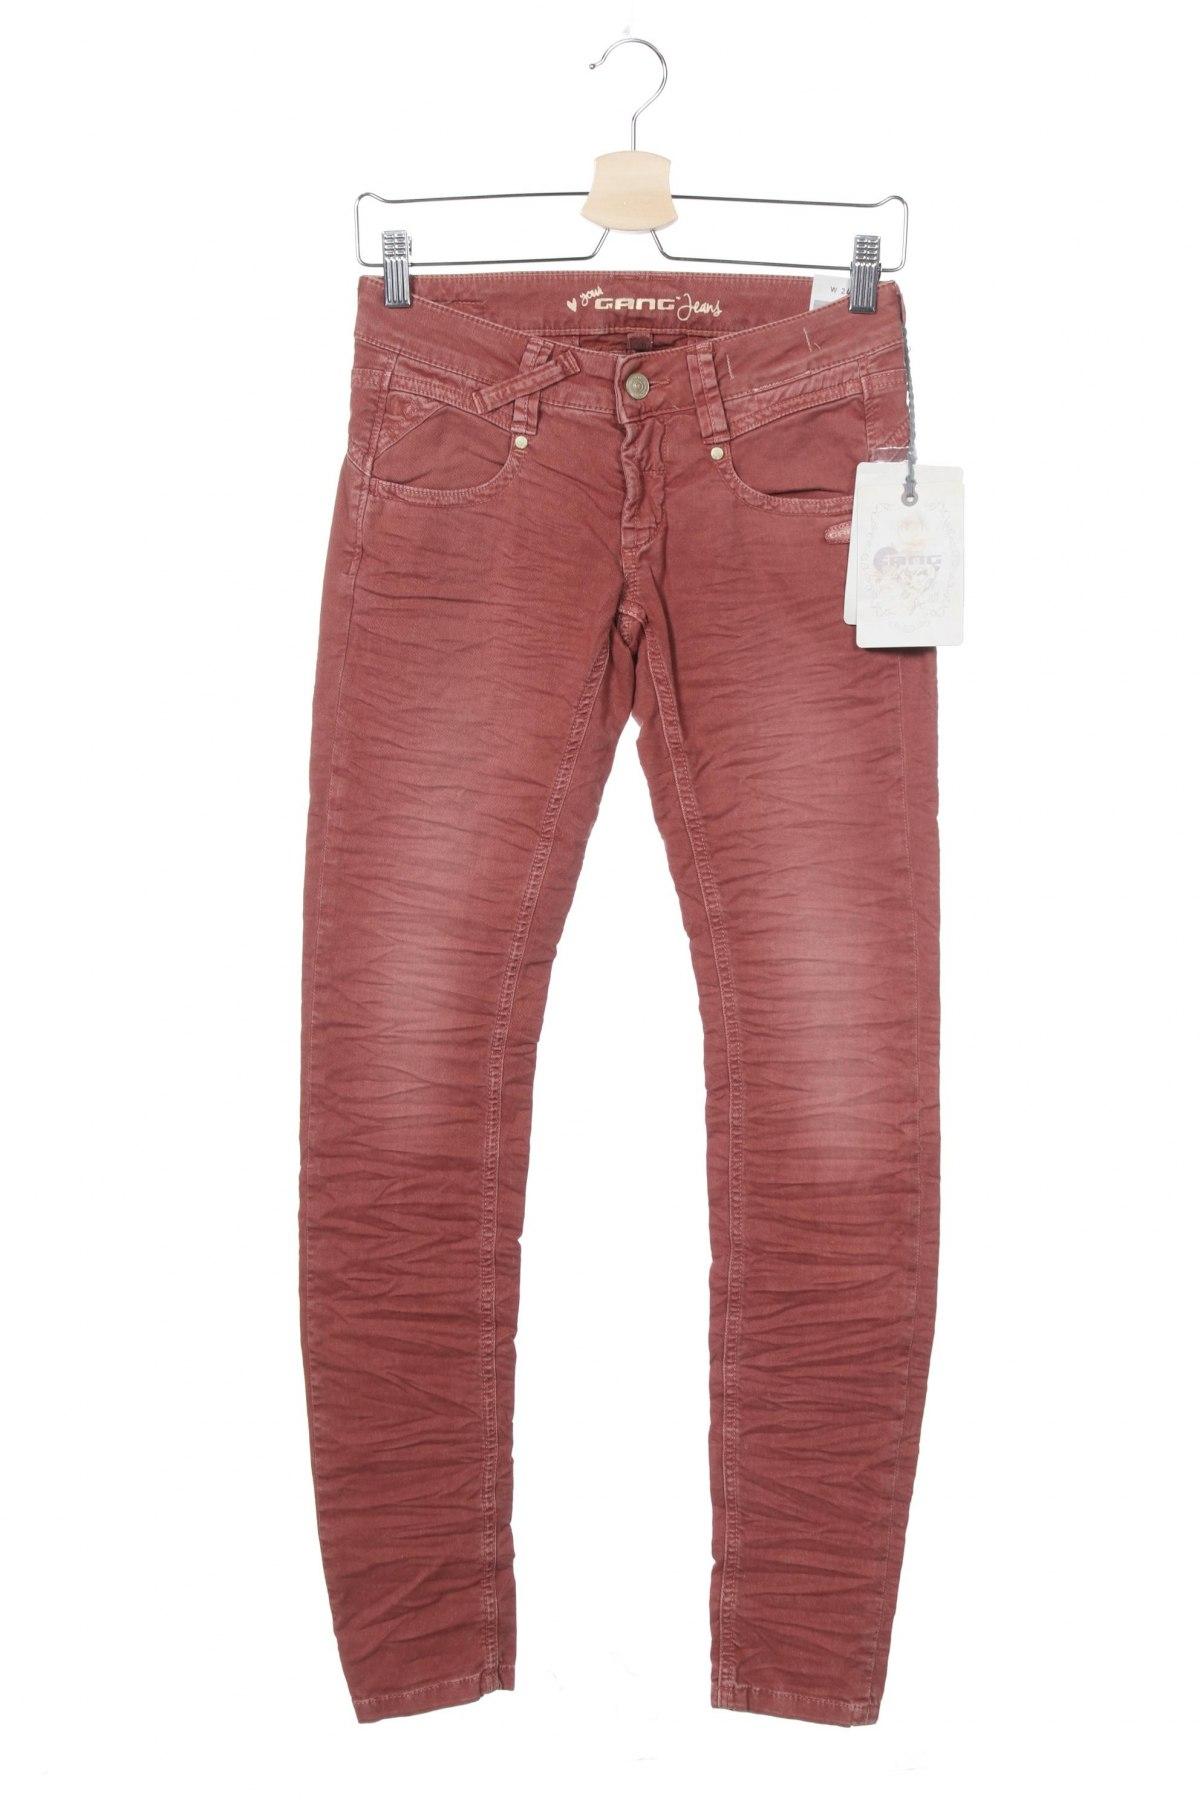 Дамски дънки Gang, Размер XS, Цвят Розов, 98% памук, 2% еластан, Цена 12,72лв.